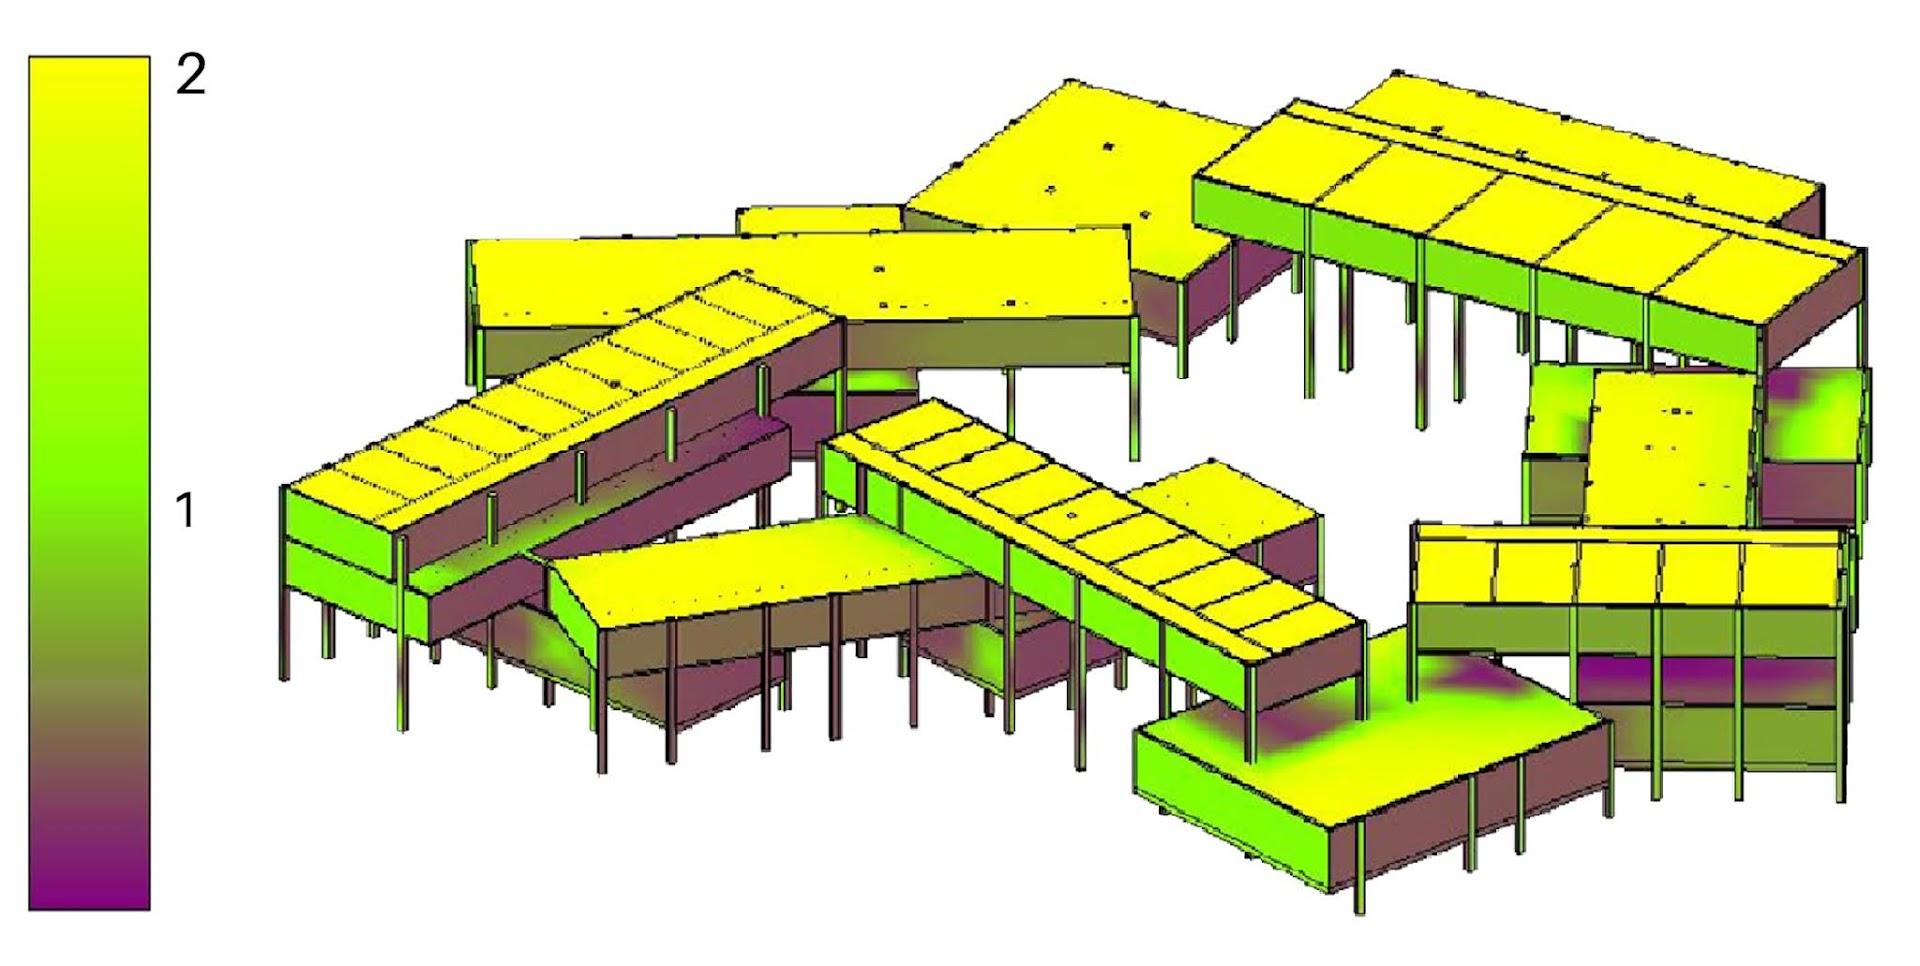 Research Park Concept